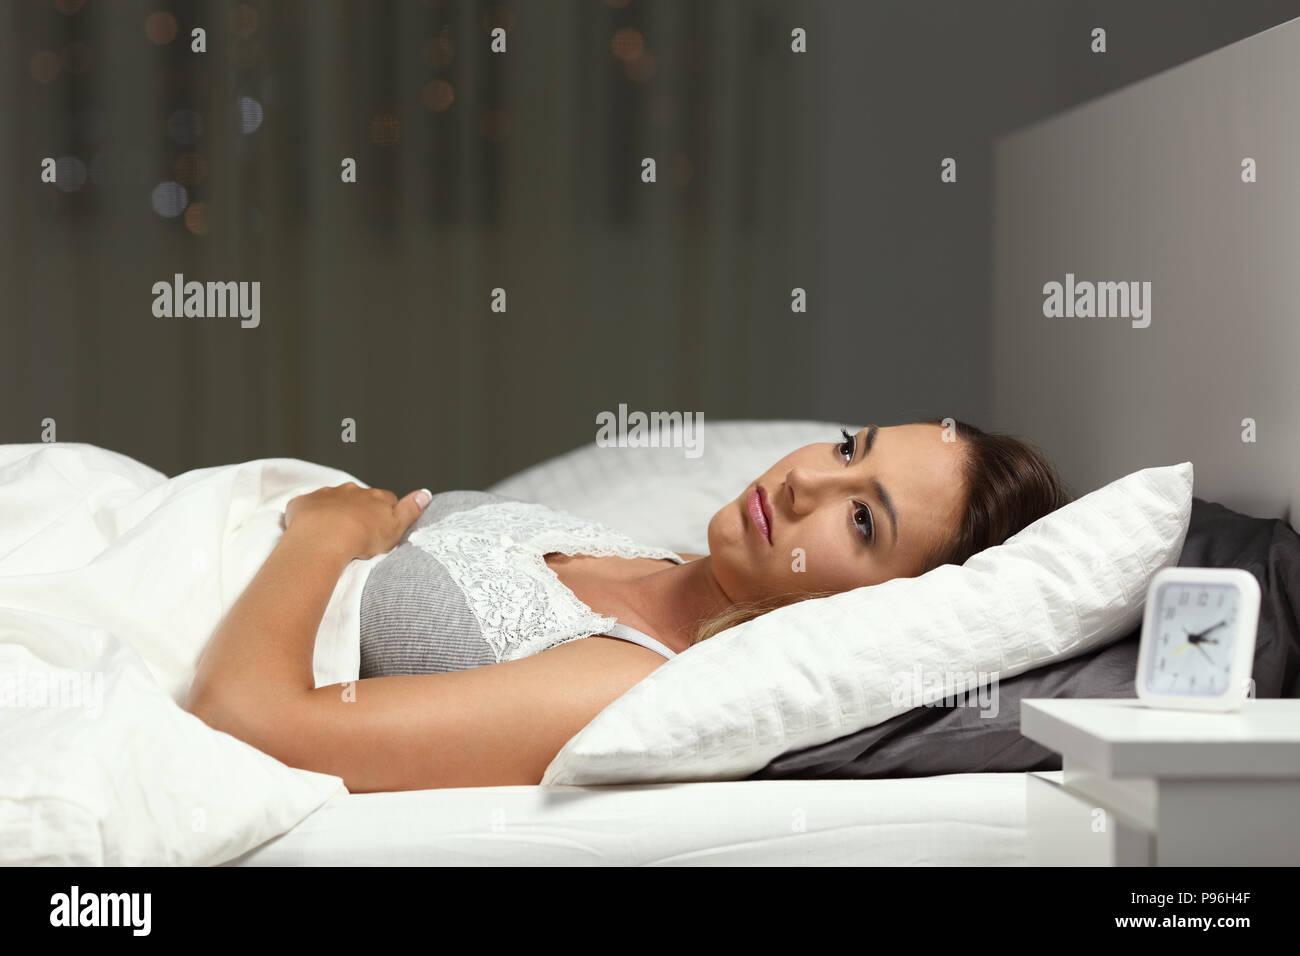 Insomniac mujer incapaz de dormir acostado en una cama en la noche en su domicilio. Foto de stock